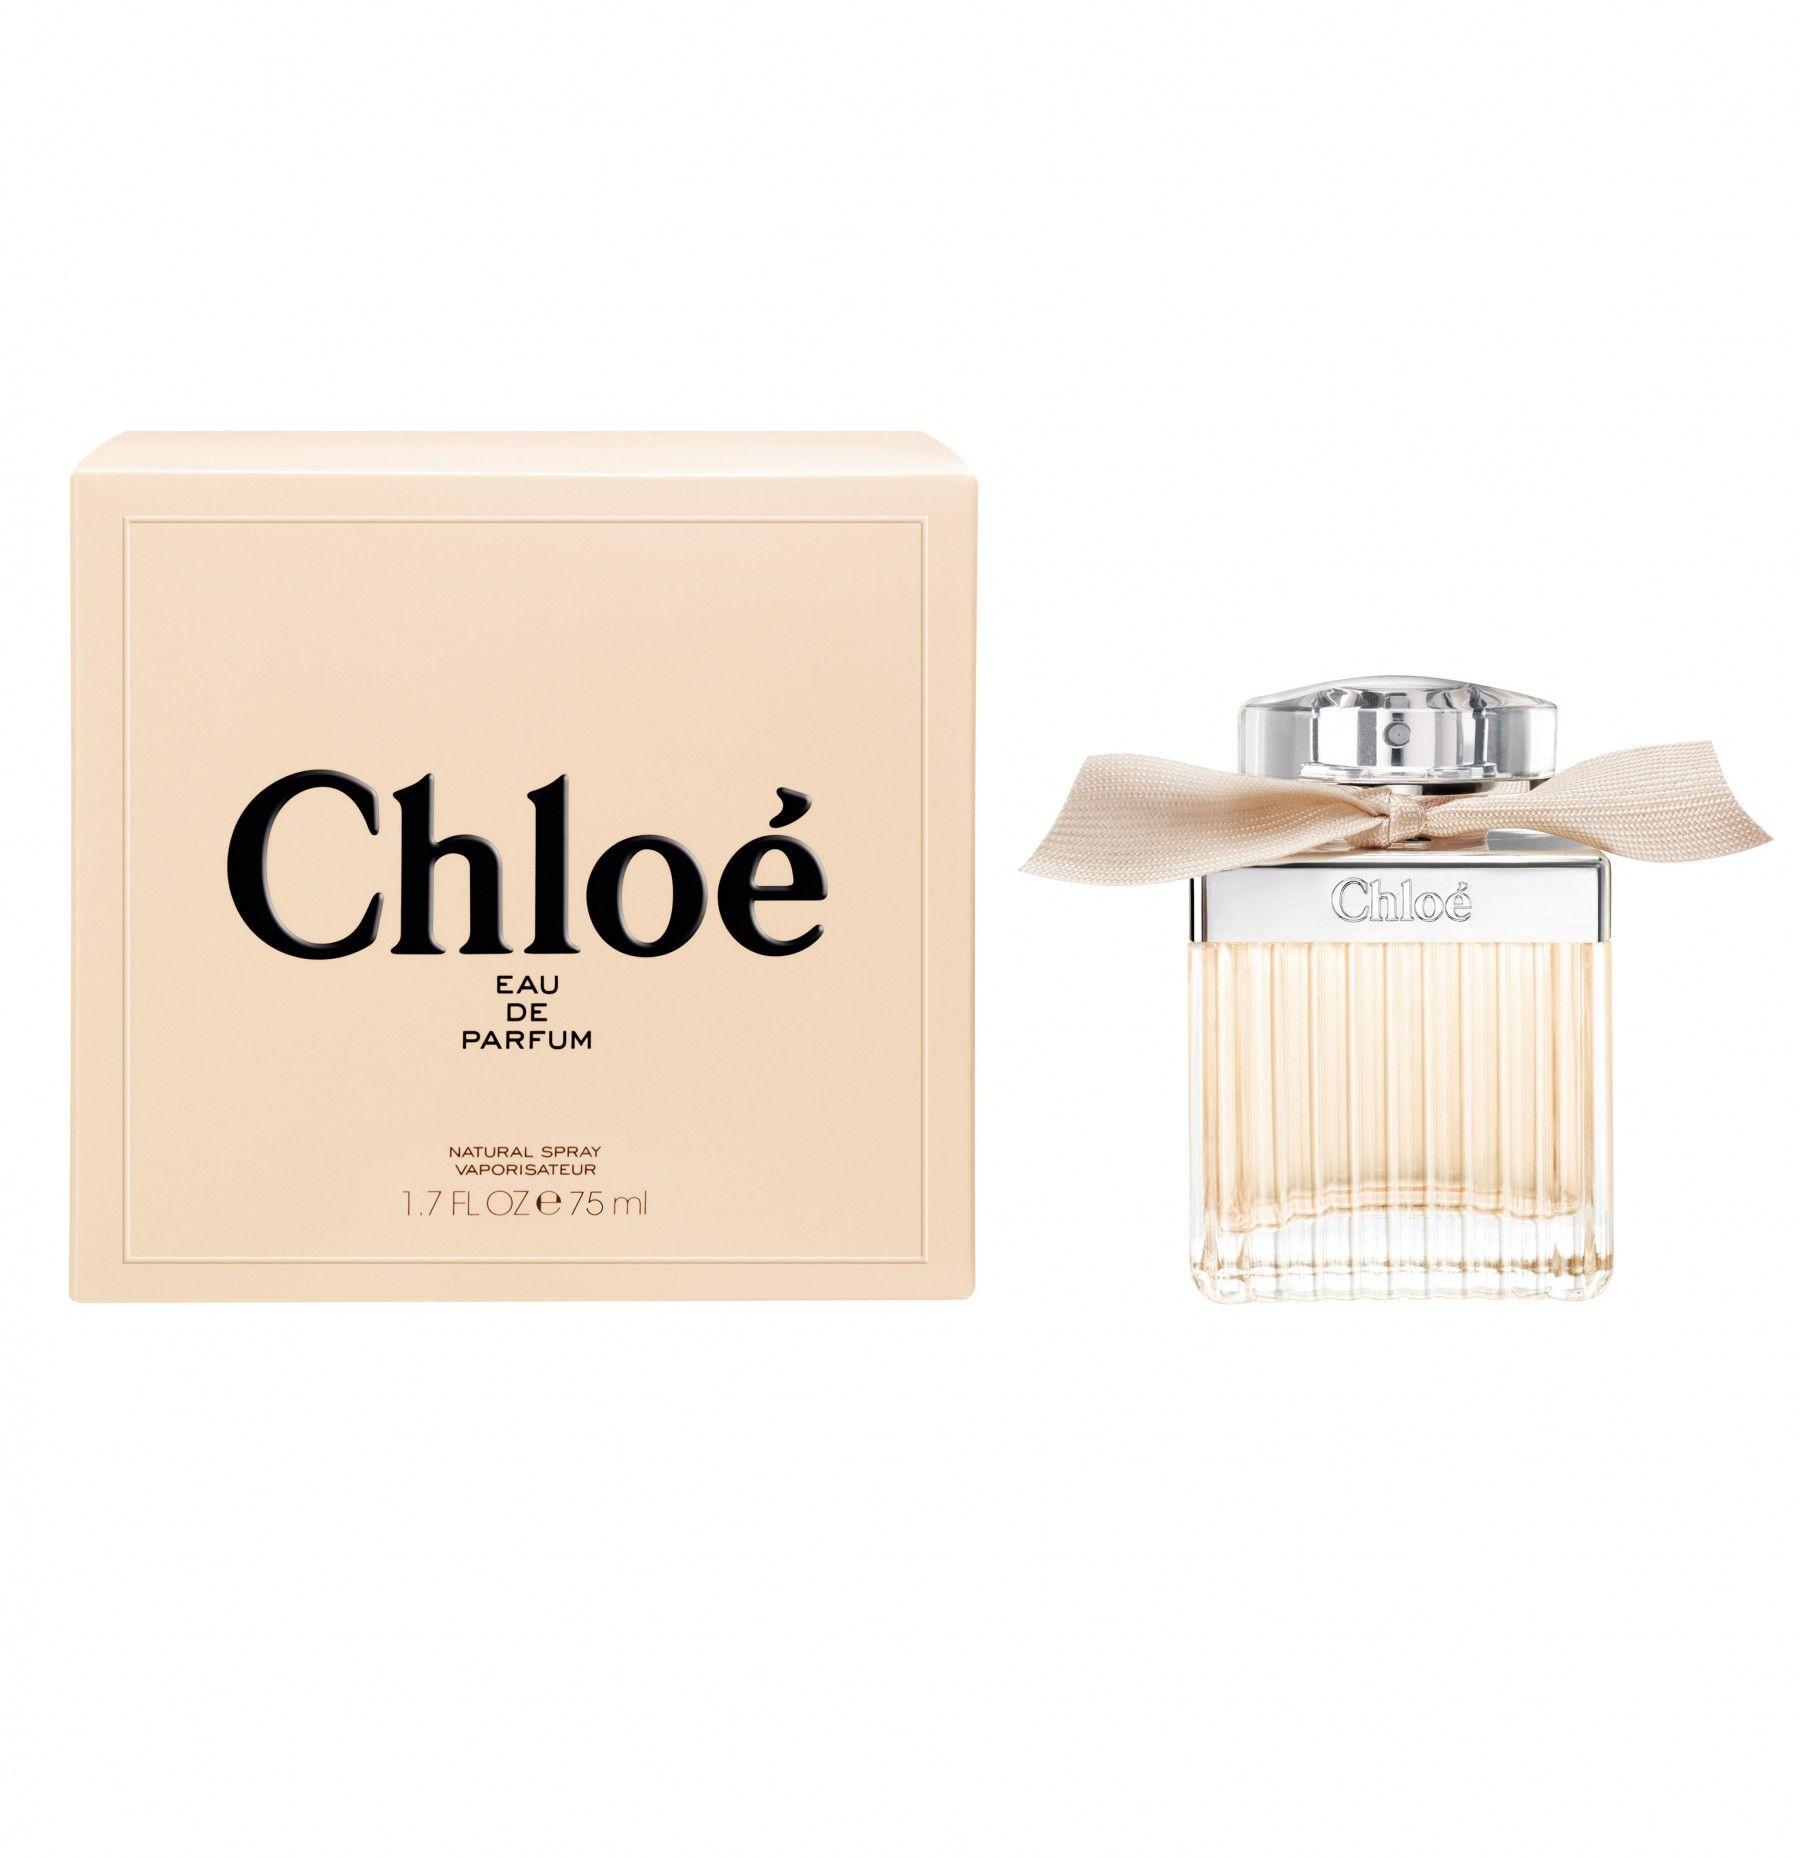 8acda5cf8 Chloé Feminino | Perfume Chloé | Sephora - Perfumes femininos - Clique na  imagem para comprar